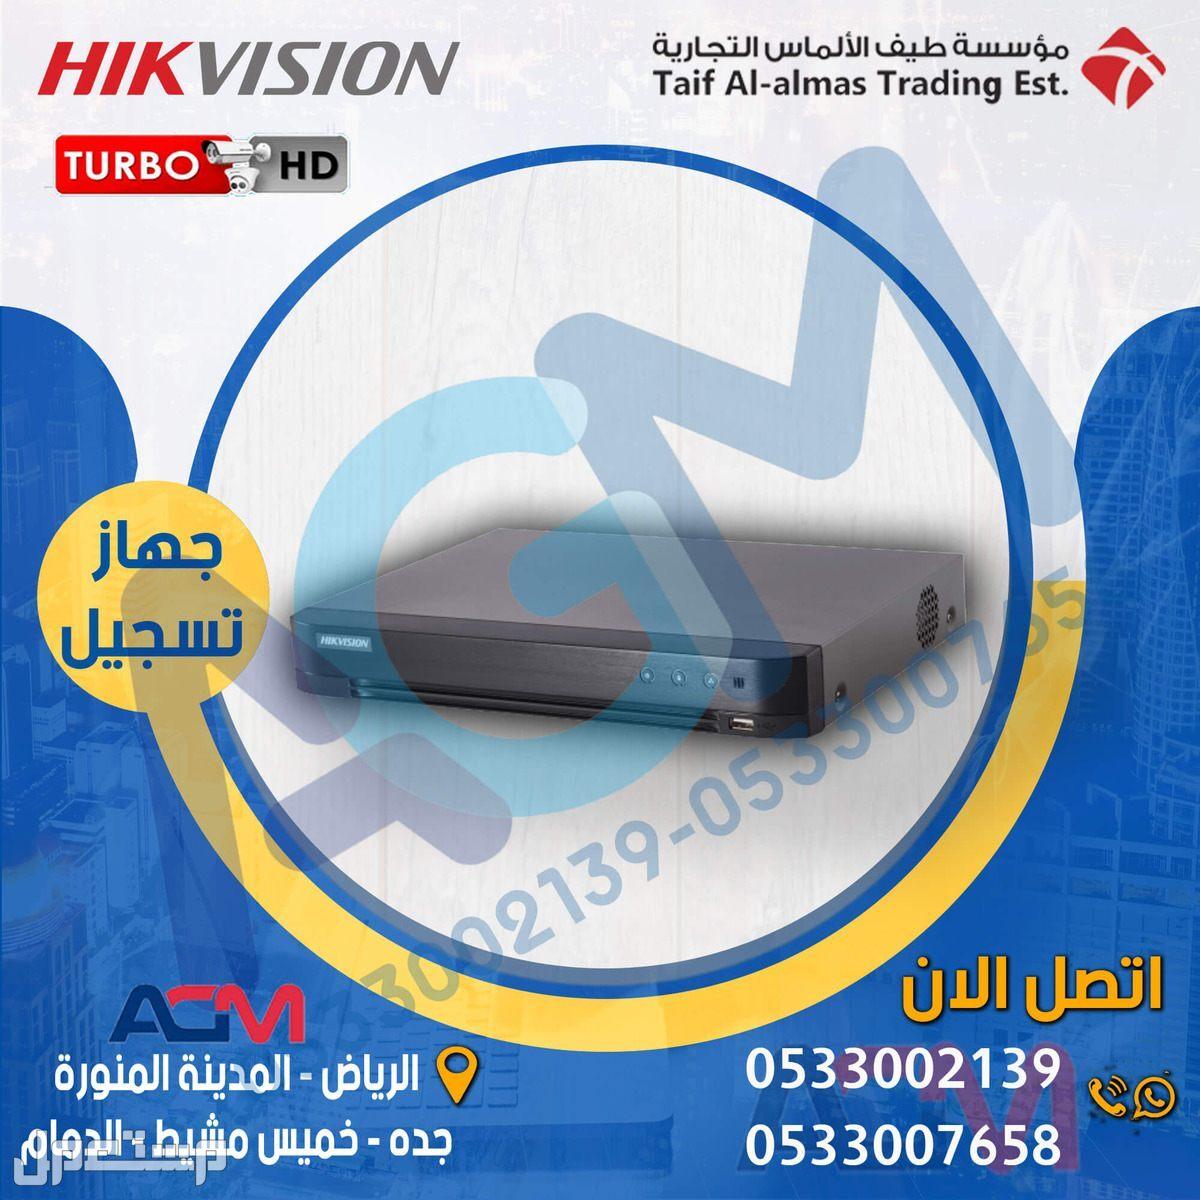 عرض لفترة محدودة فقط 4 كاميرات مراقبة 2 ميجا هيك فيجن  FULL HD